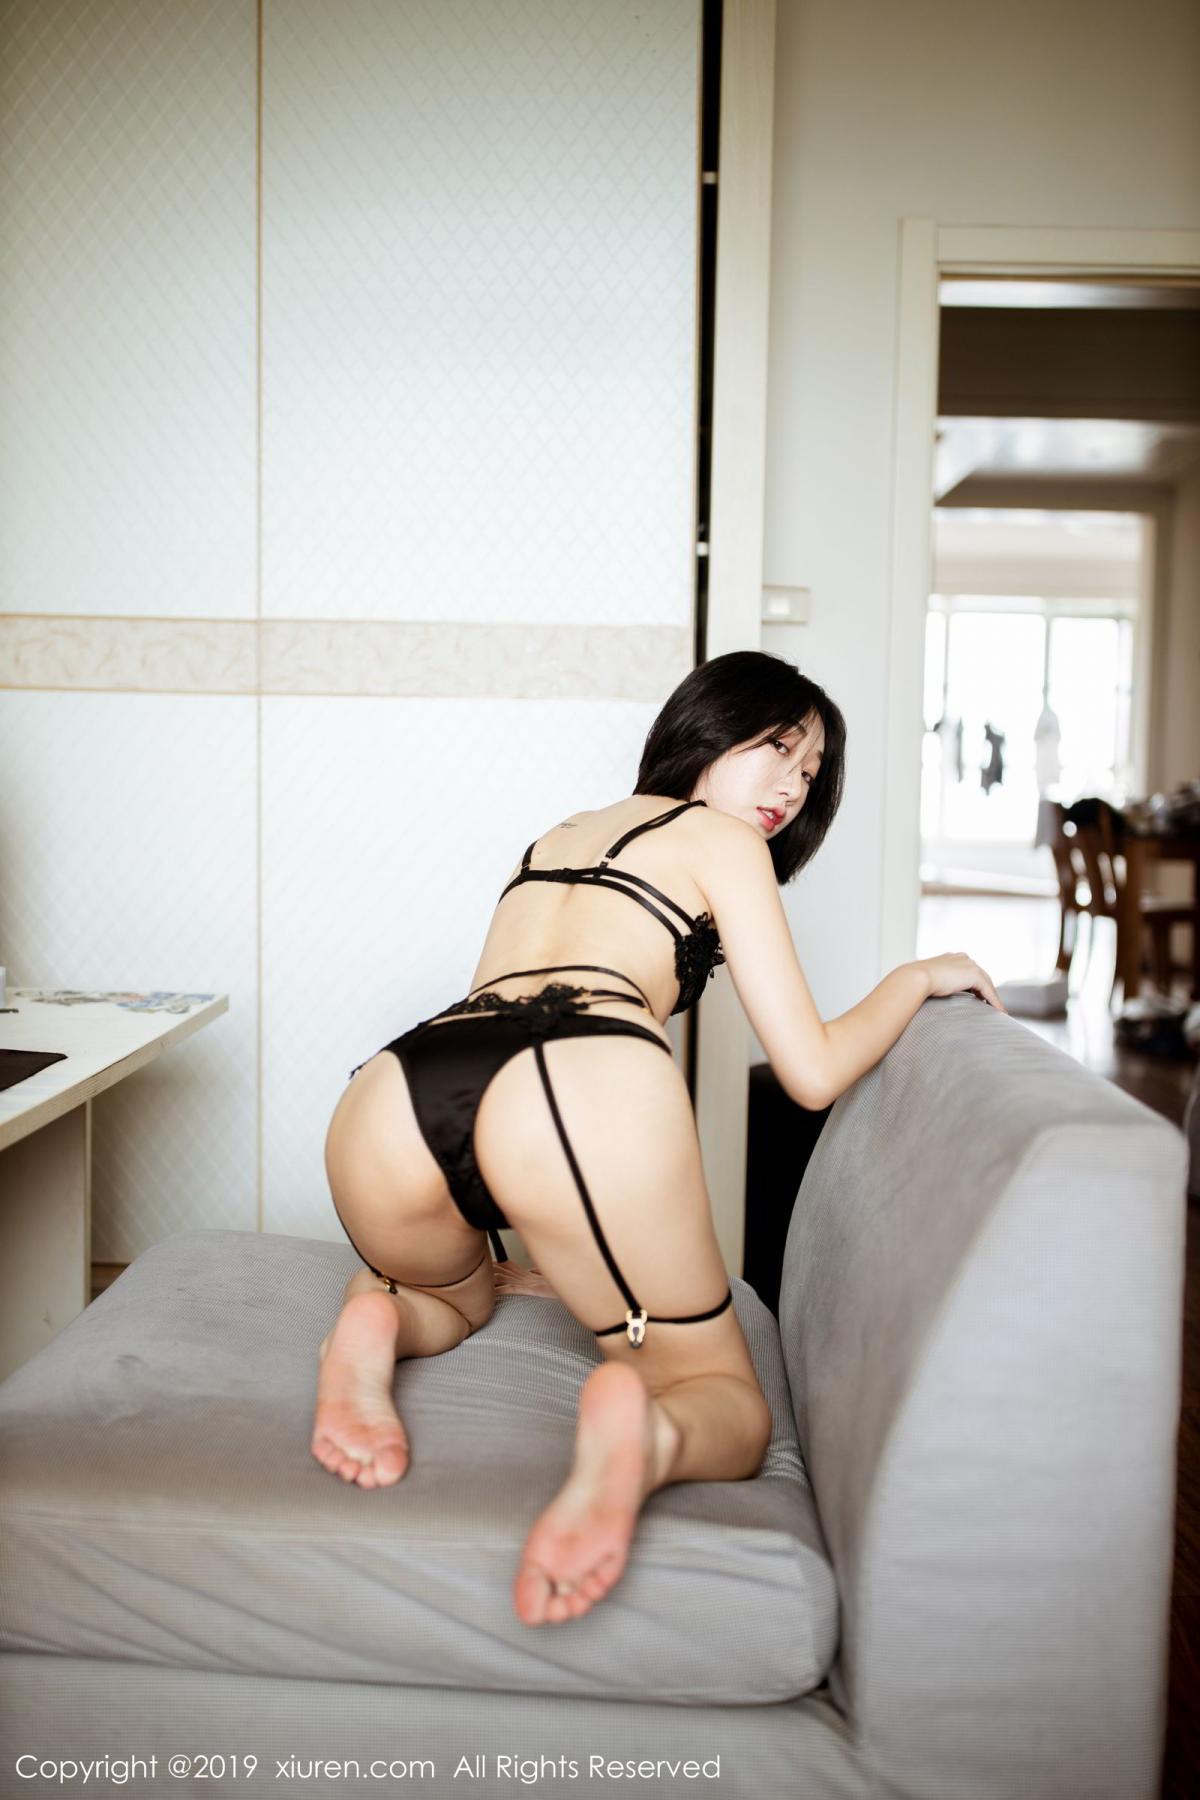 [XiuRen] Vol.1618 Xiao Jiu Yue 14P, Pure, Underwear, Xiao Jiu Yue, Xiuren